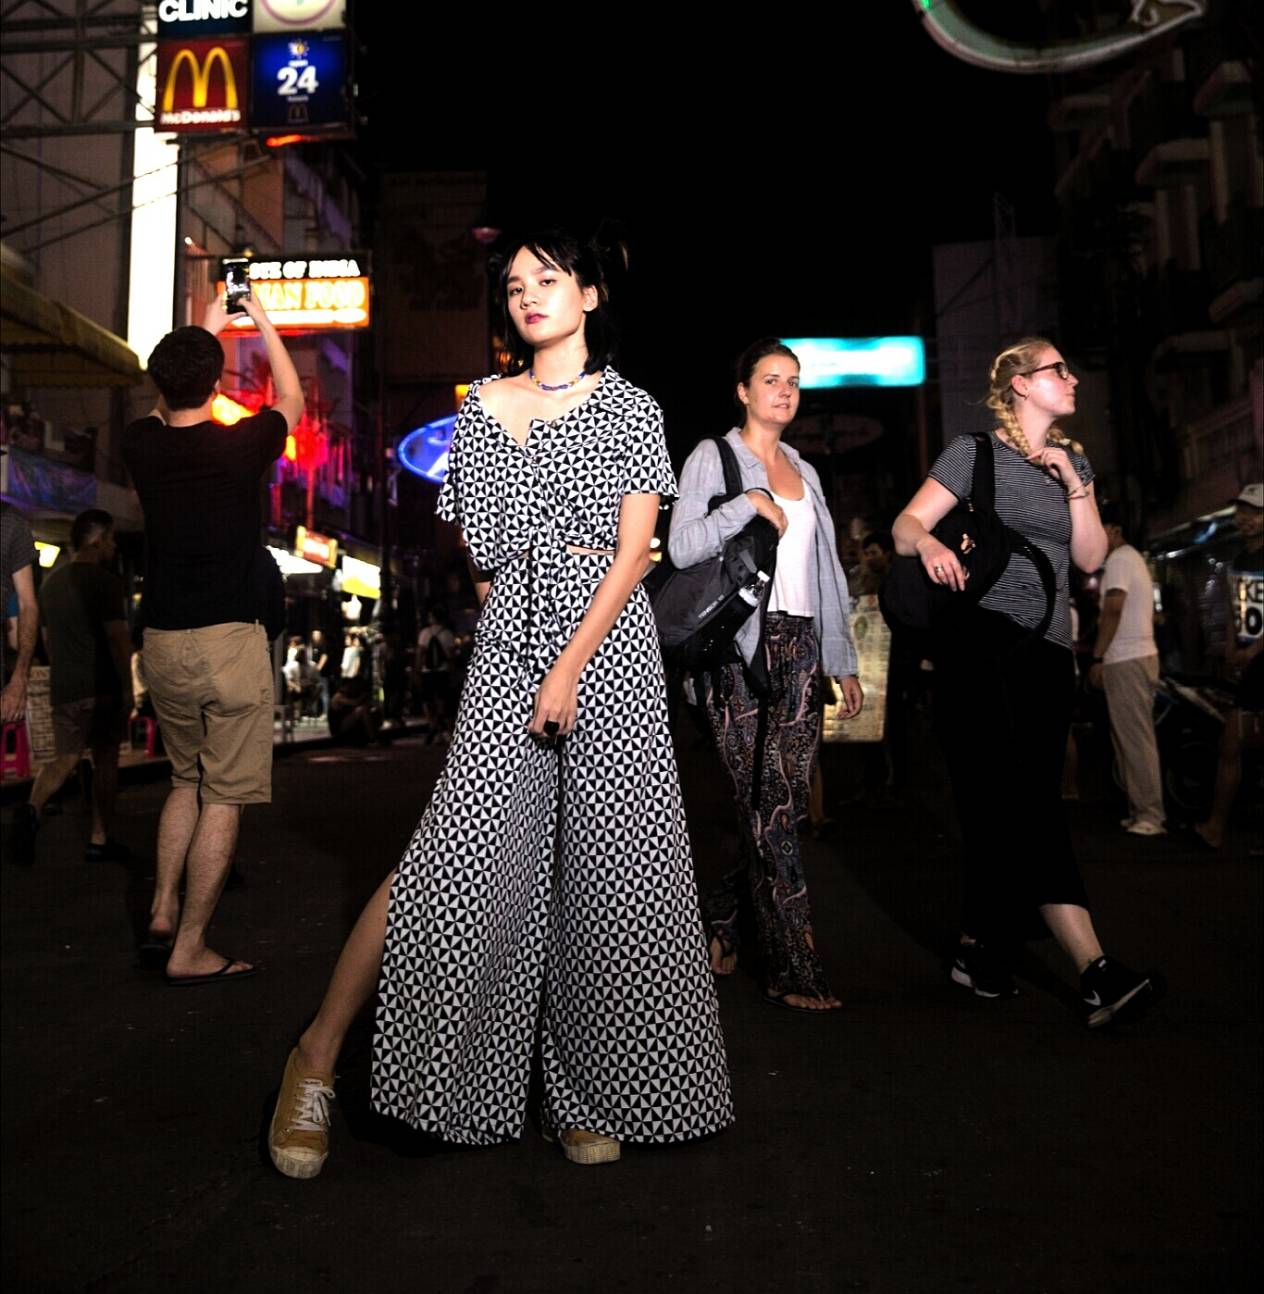 เสื้อผ้าผู้หญิง,เสื้อผู้หญิง,เสื้อแขนสั้น,เสื้อผูกเอว,กางเกง,กางเกงผู้หญิง,กางเกงขายาว,กางเกงขายาวผู้หญิง,กางเกงผู้หญิงขายาว